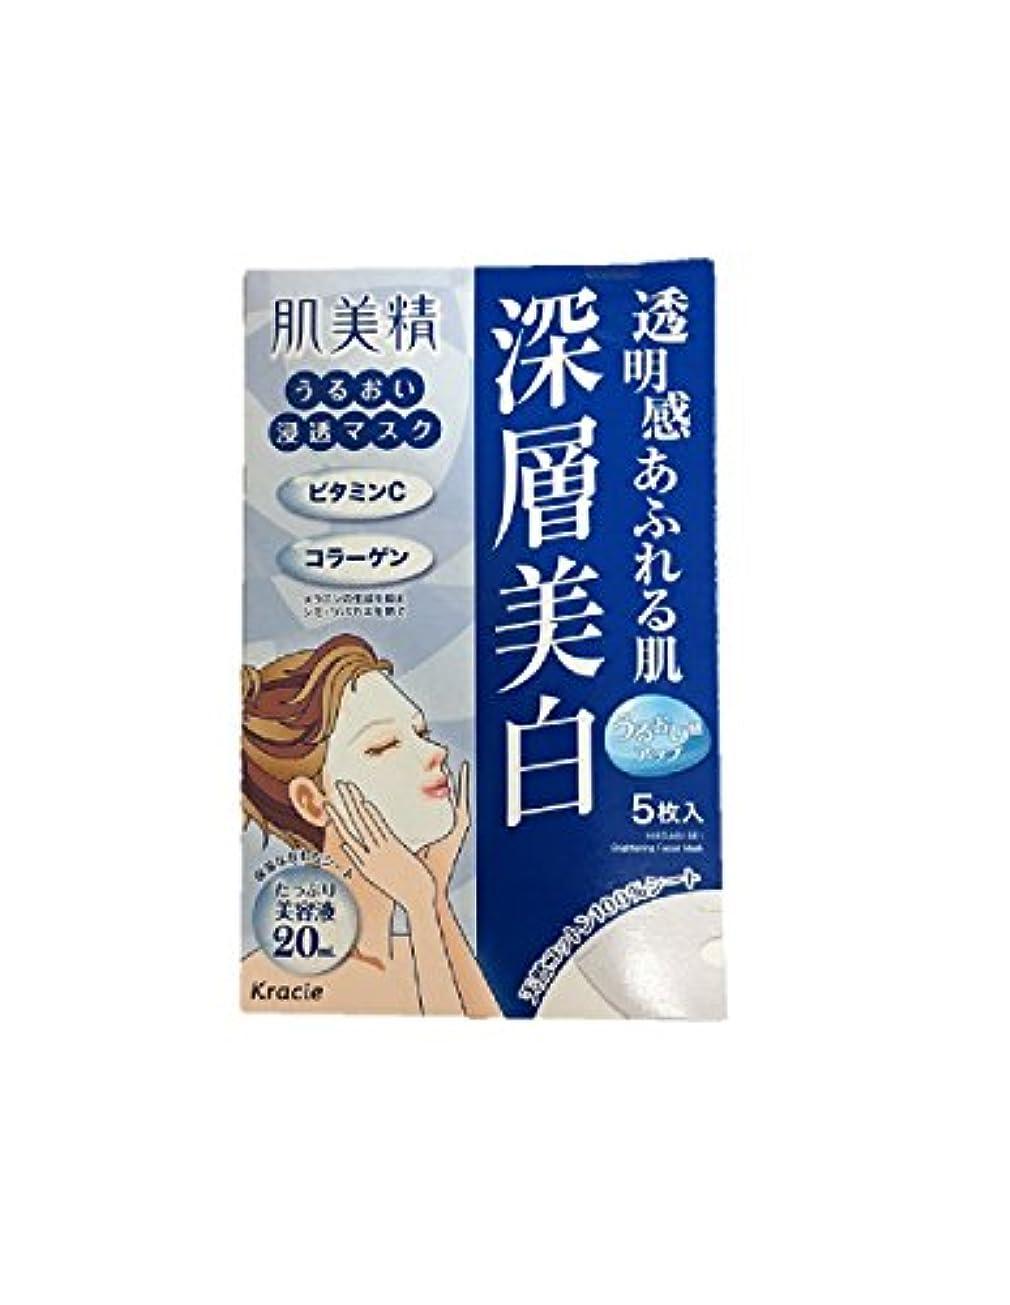 踏み台歌クスクス【セット】 クラシエホームプロダクツ 肌美精 うるおい浸透マスク (深層美白) 5枚入 (美容液20mL/1枚) 5個セット